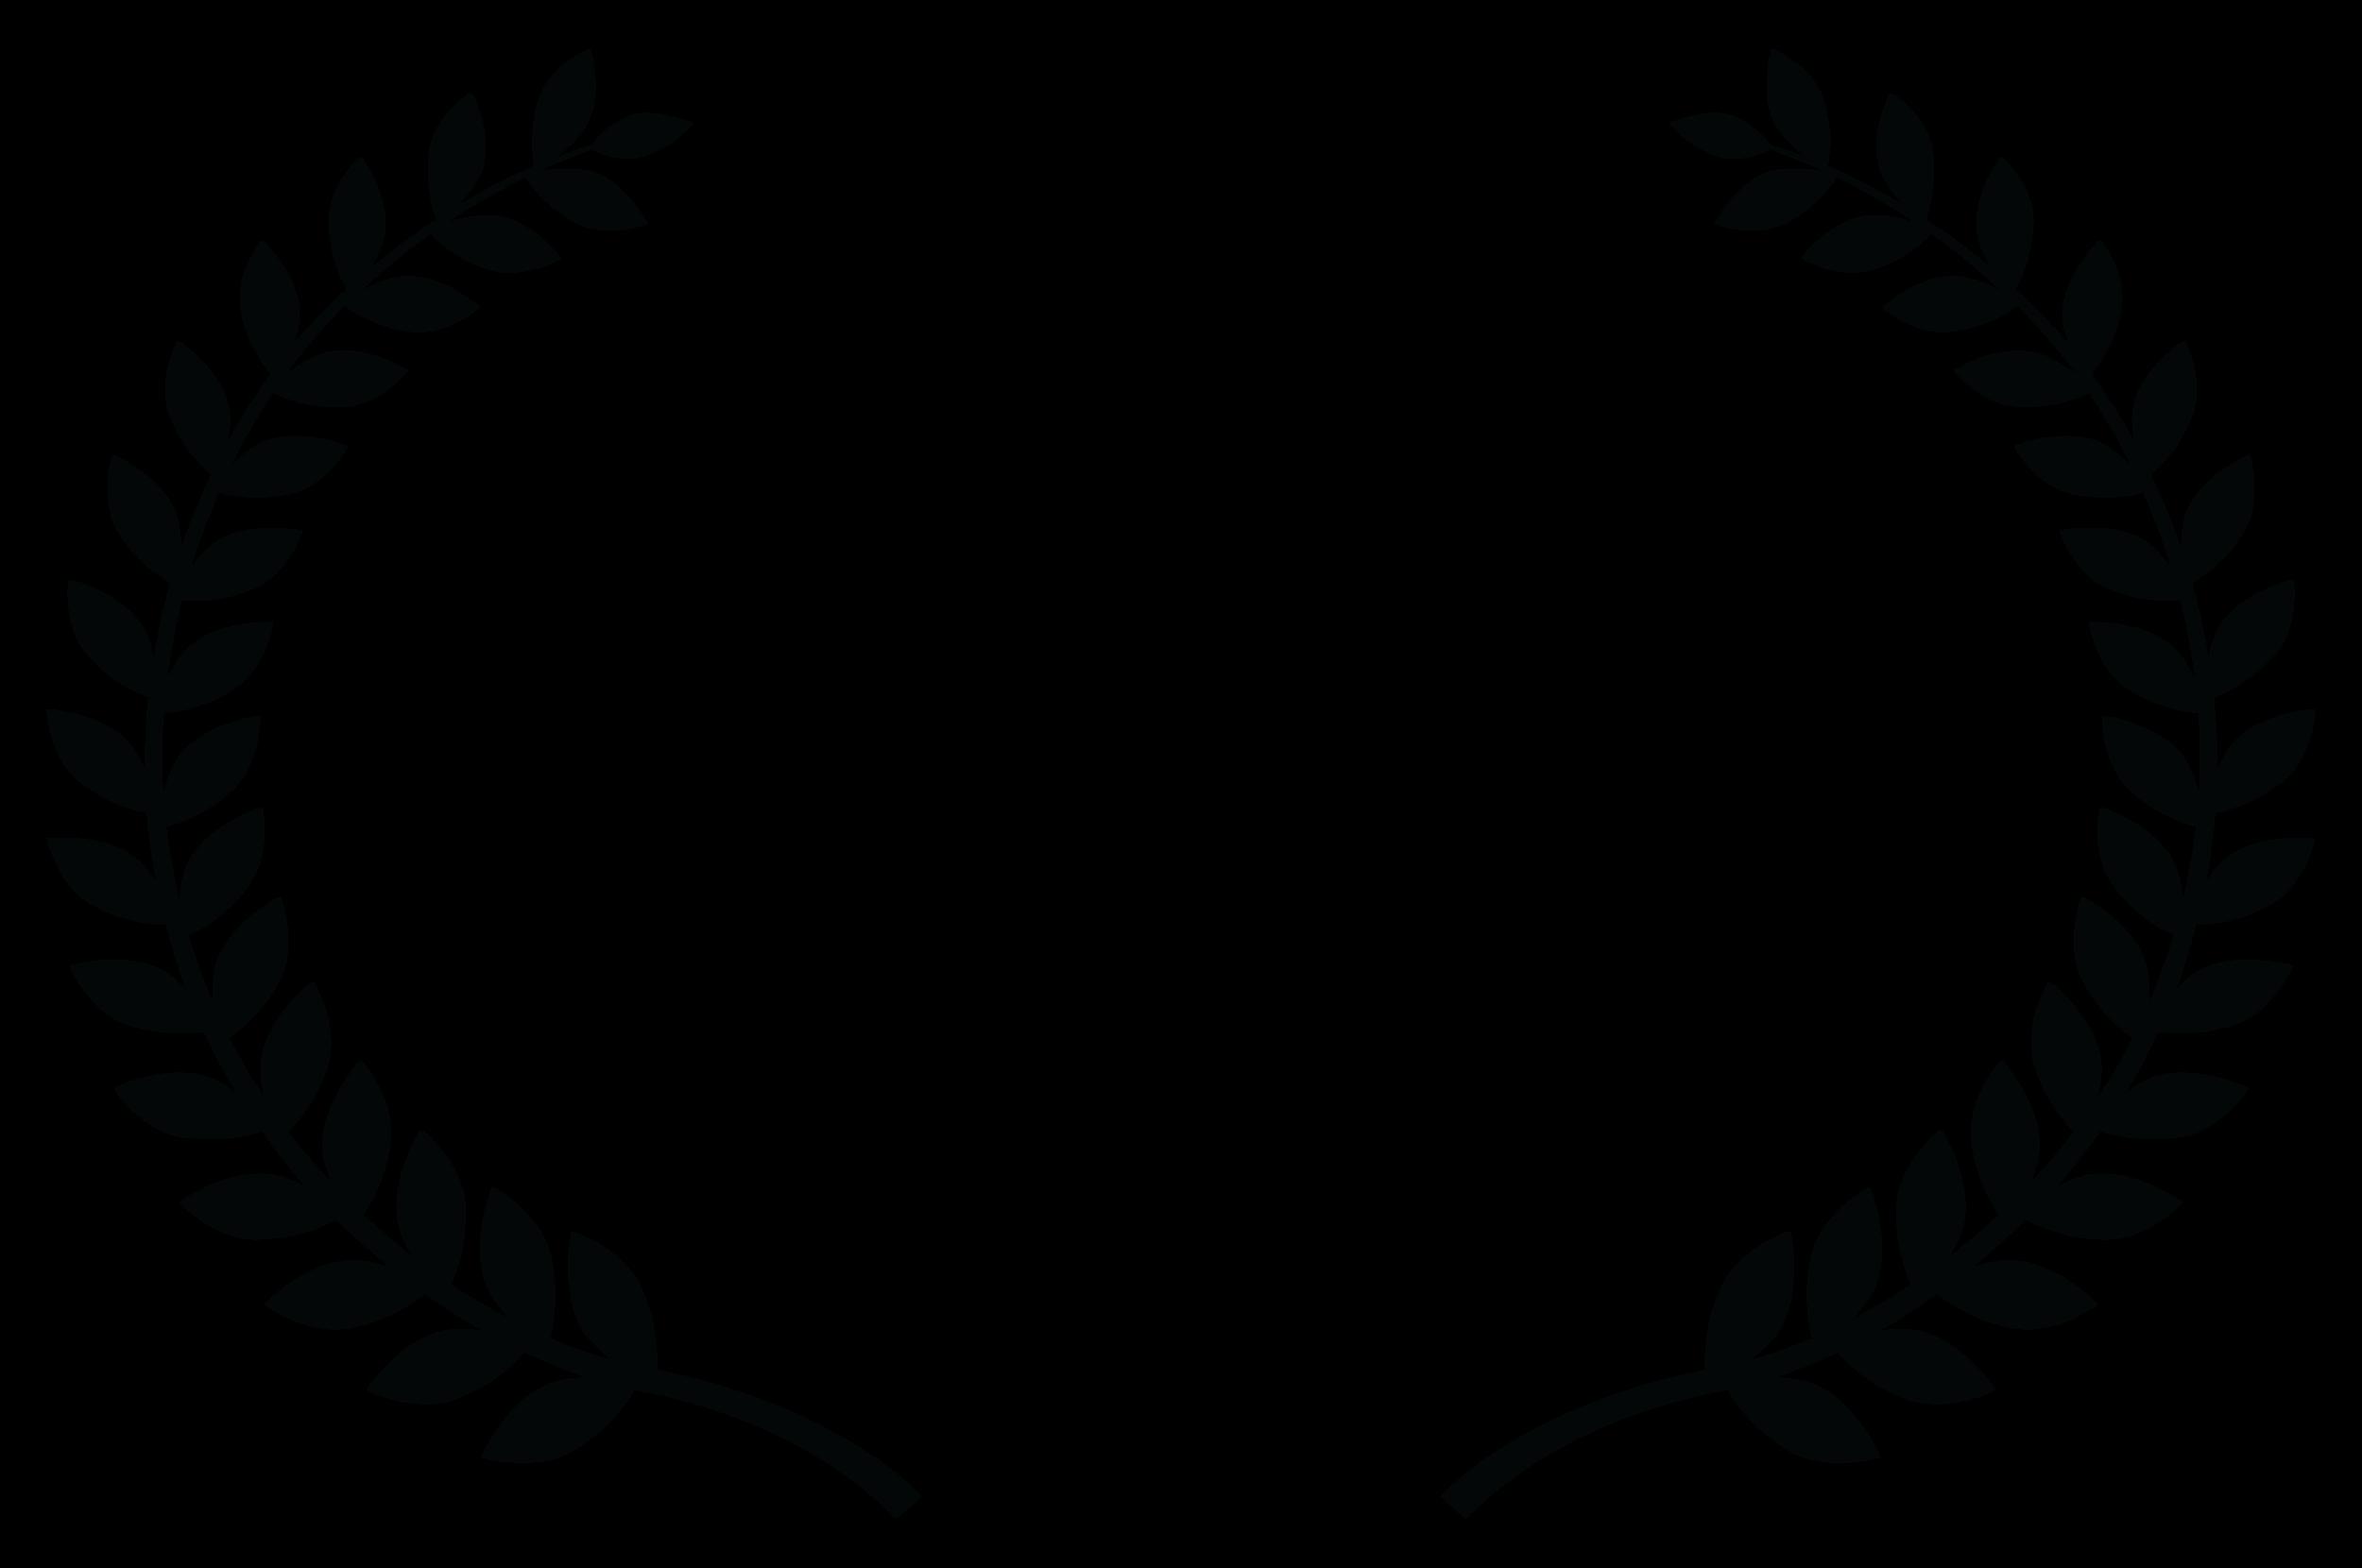 OFFICIALSELECTION-CrystalPalaceInternationalFilmFestivalLondonUK-2017.png